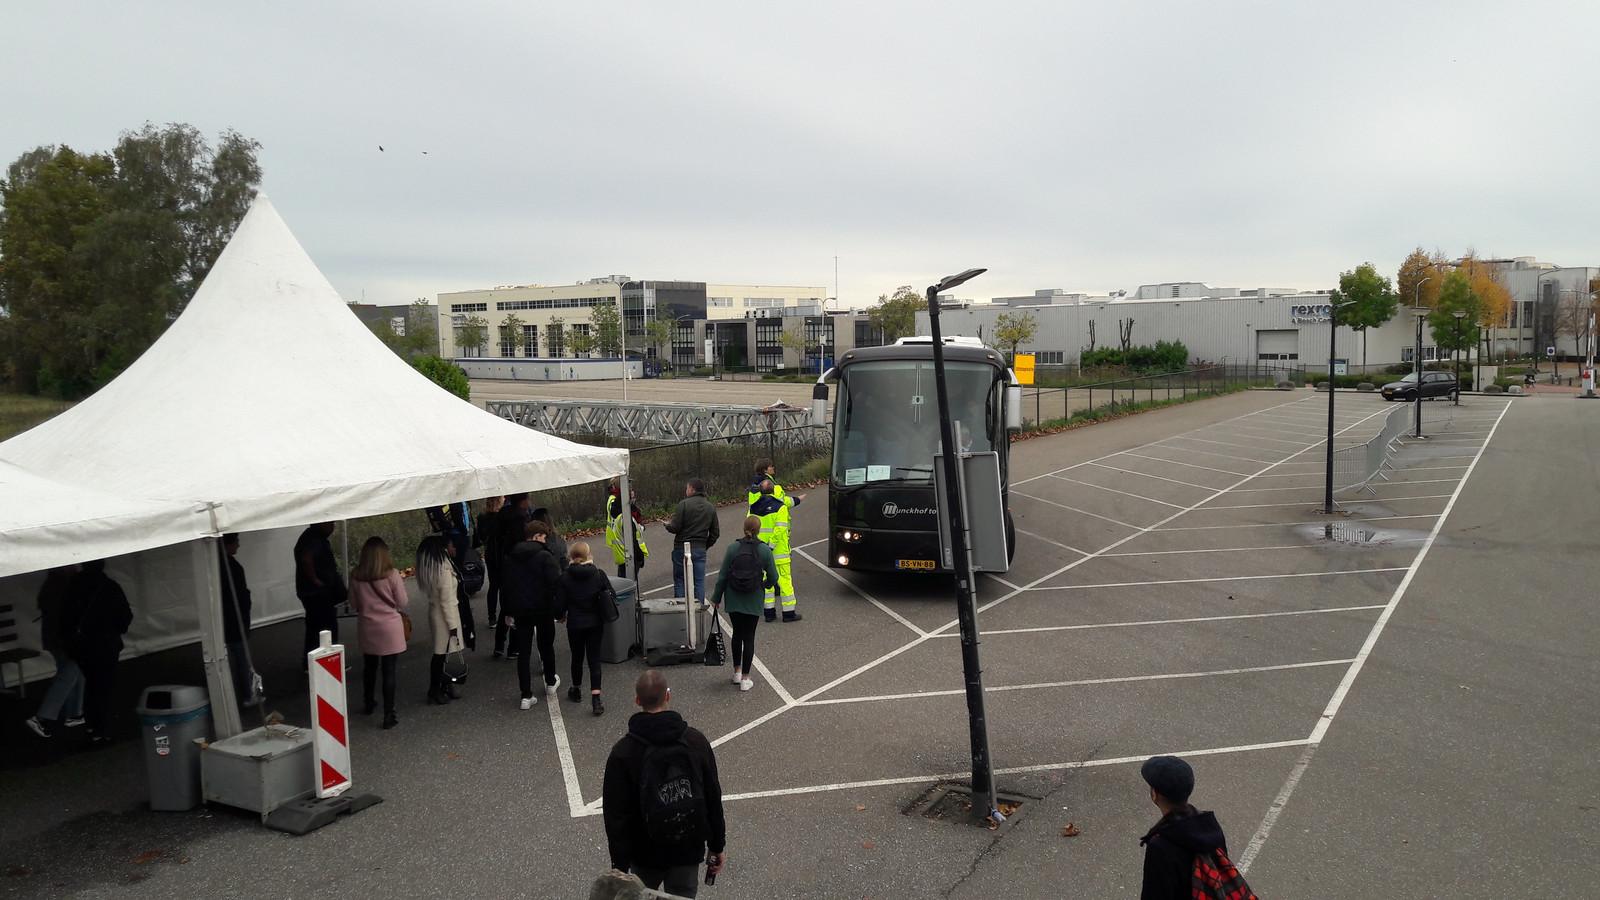 Aan de achterkant van het station in Boxtel, de Ladonk-zijde, zorgen bussen voor vervangend vervoer.